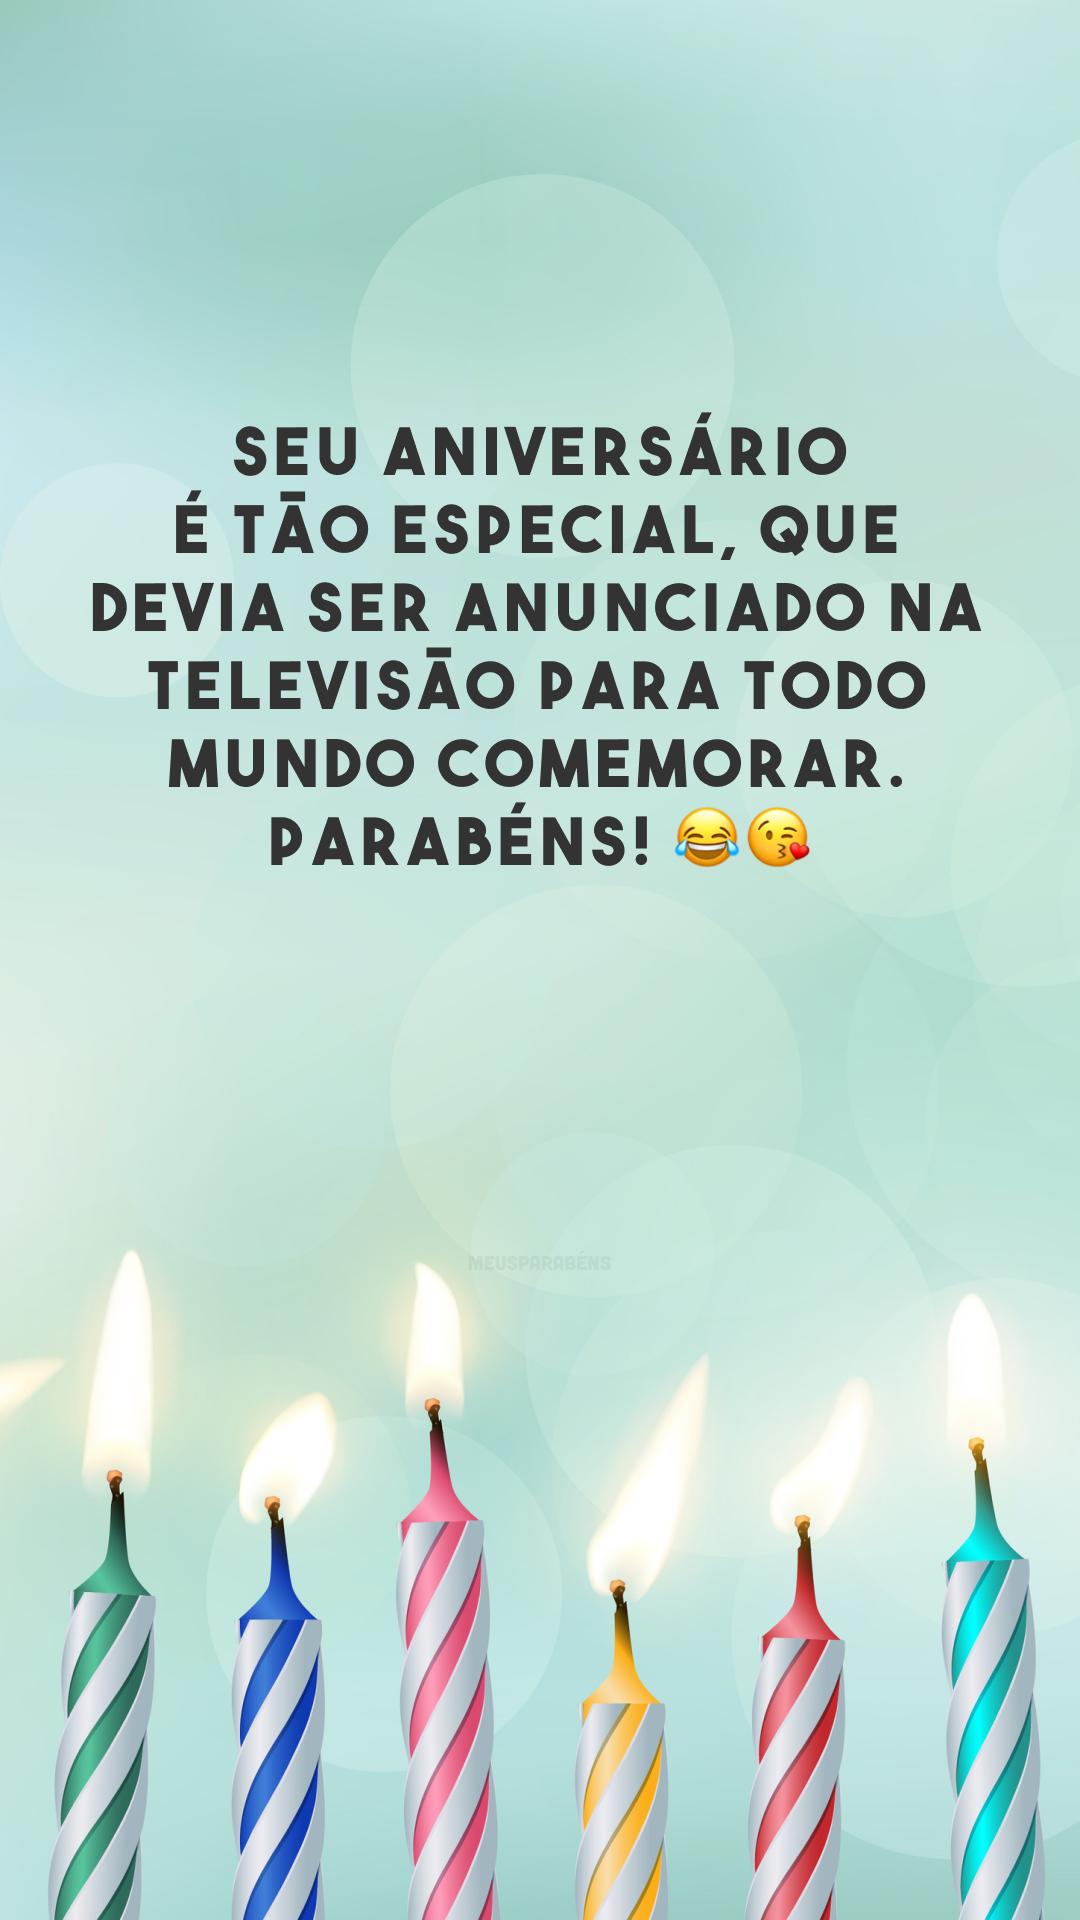 Seu aniversário é tão especial, que devia ser anunciado na televisão para todo mundo comemorar. Parabéns! 😂😘